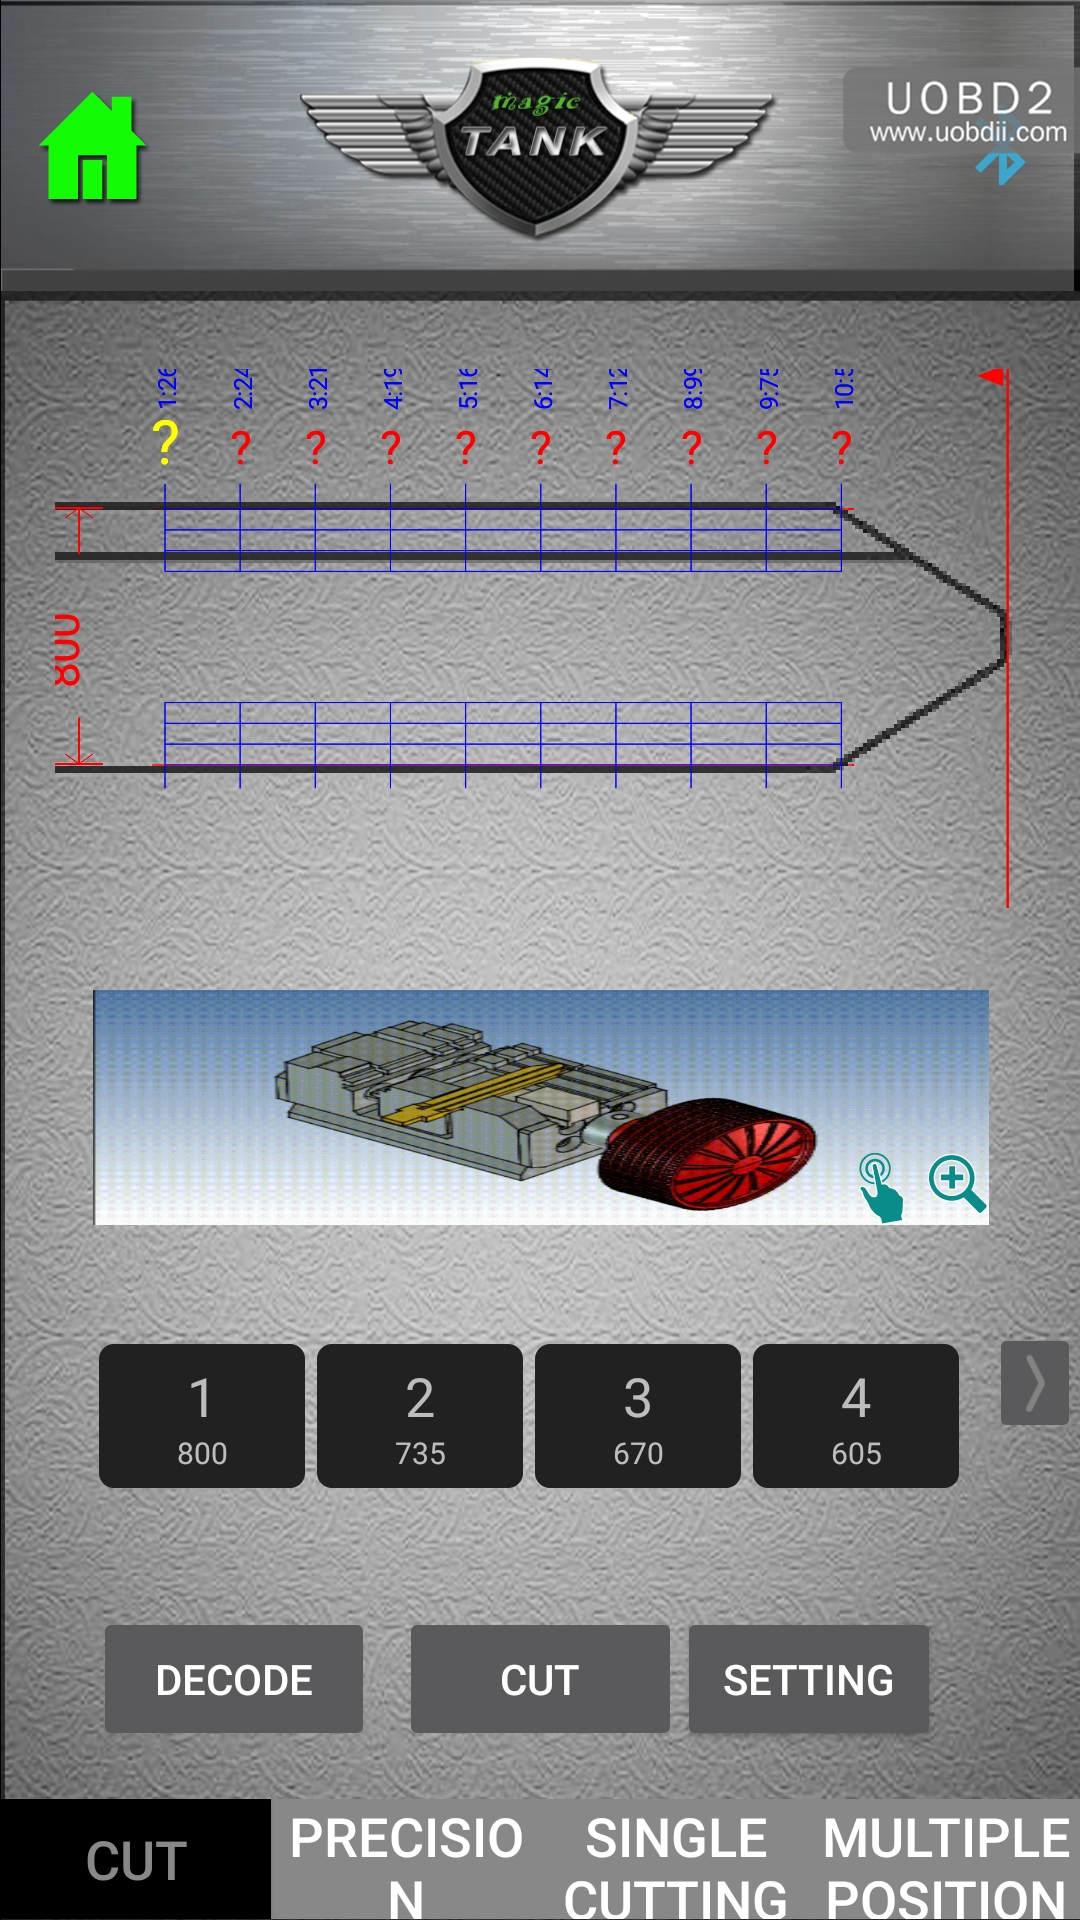 2m2-tank-cutter-guide-13